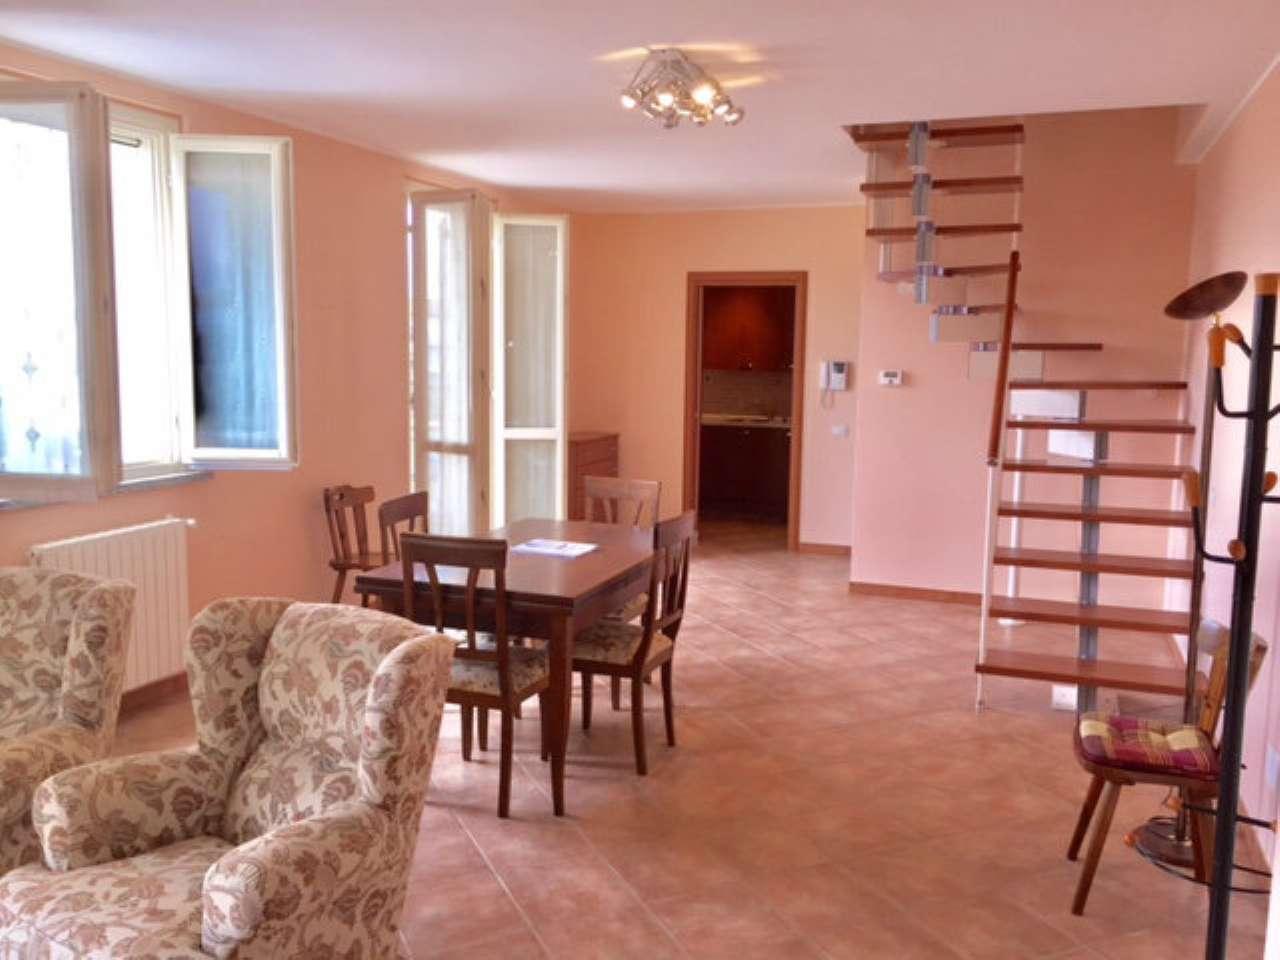 Appartamento in affitto a Garlasco, 3 locali, prezzo € 700 | Cambio Casa.it